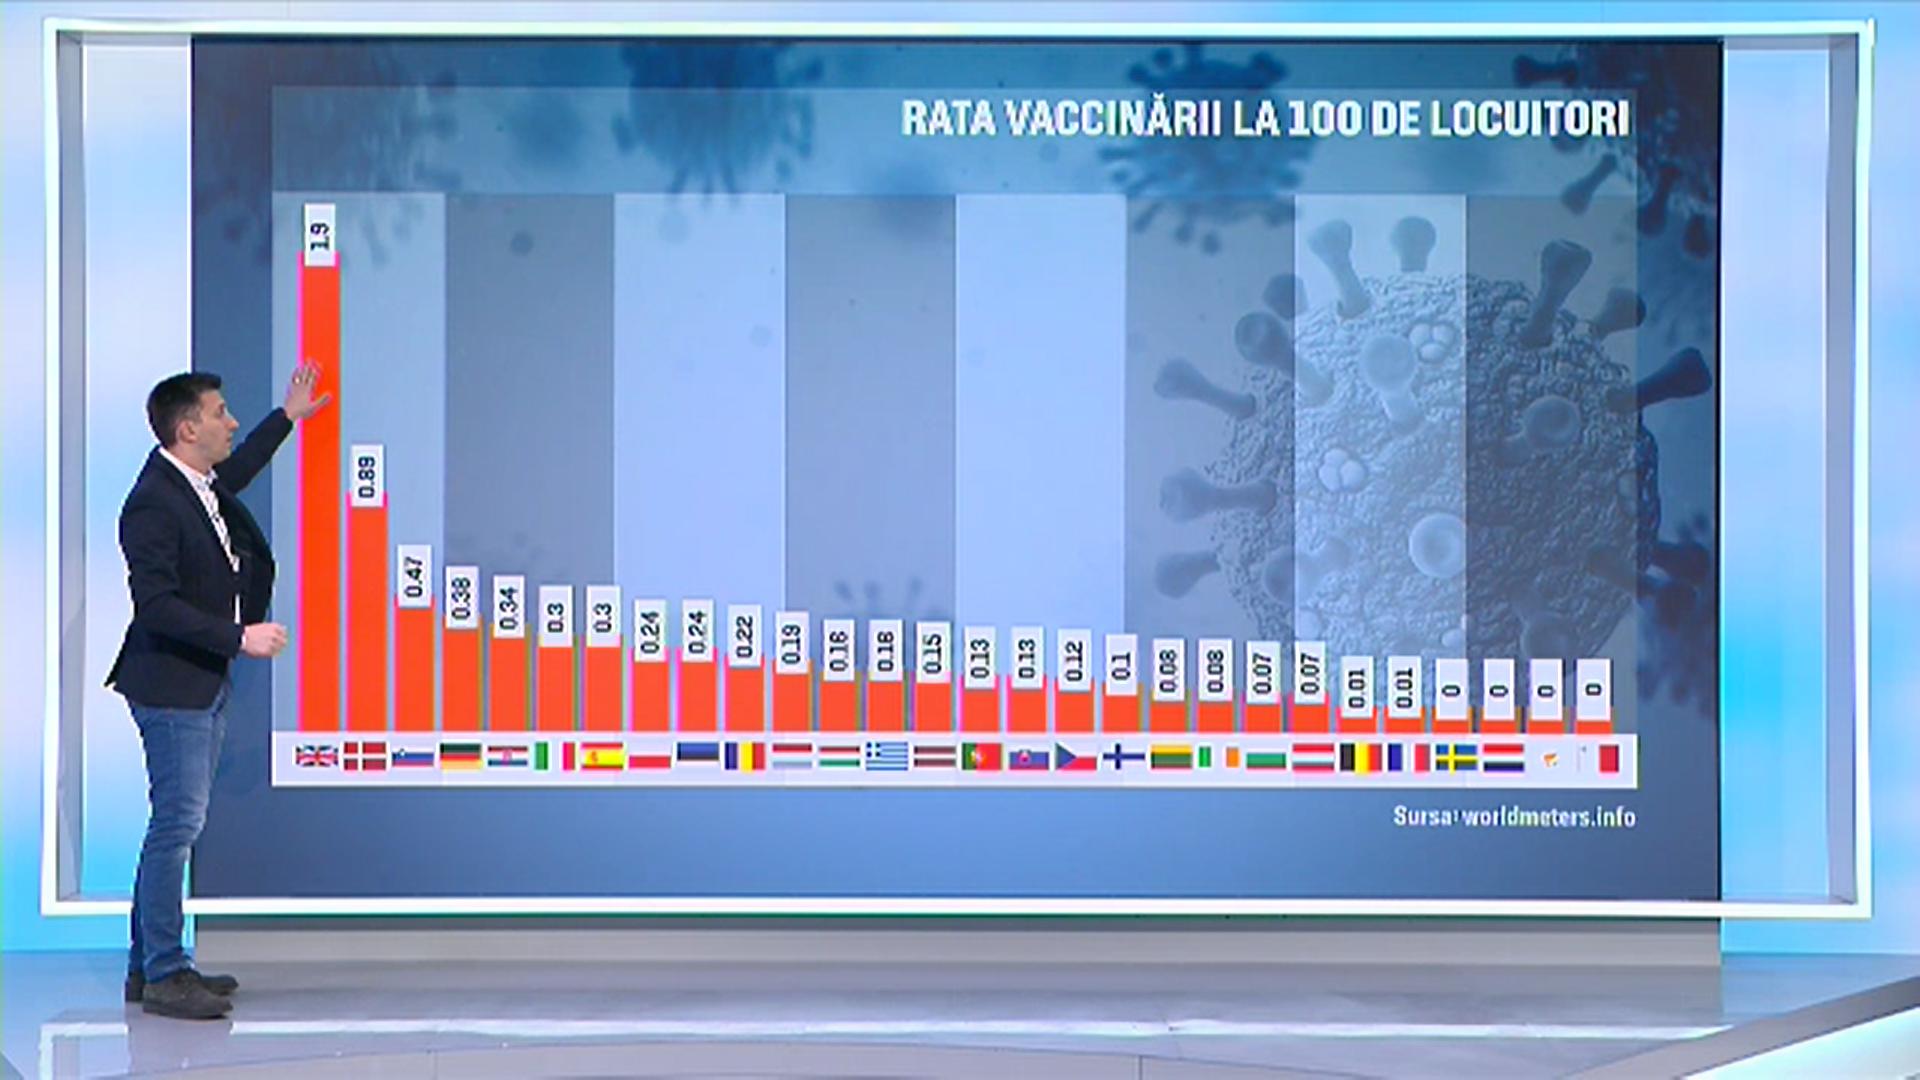 Topul țărilor cu populație vaccinată anti-COVID. România, pe locul 10 în Europa la rata vaccinării